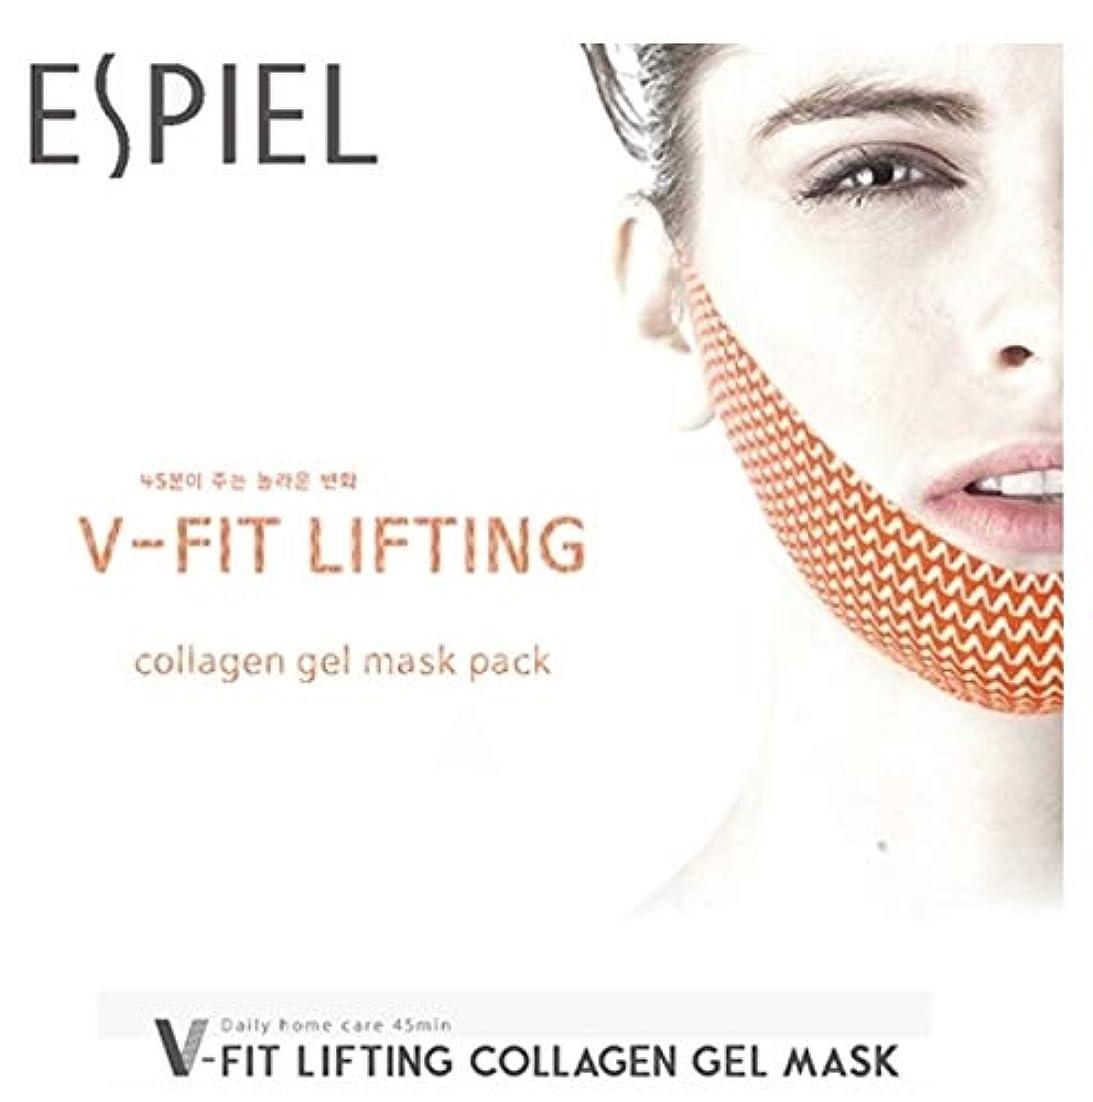 空白マングル先行する【ESPIEL]五ピットリフティングコラーゲンゲルマスク(5EA)/ V FIT LIFTING COLLAGEN GEL MASK(5EA)